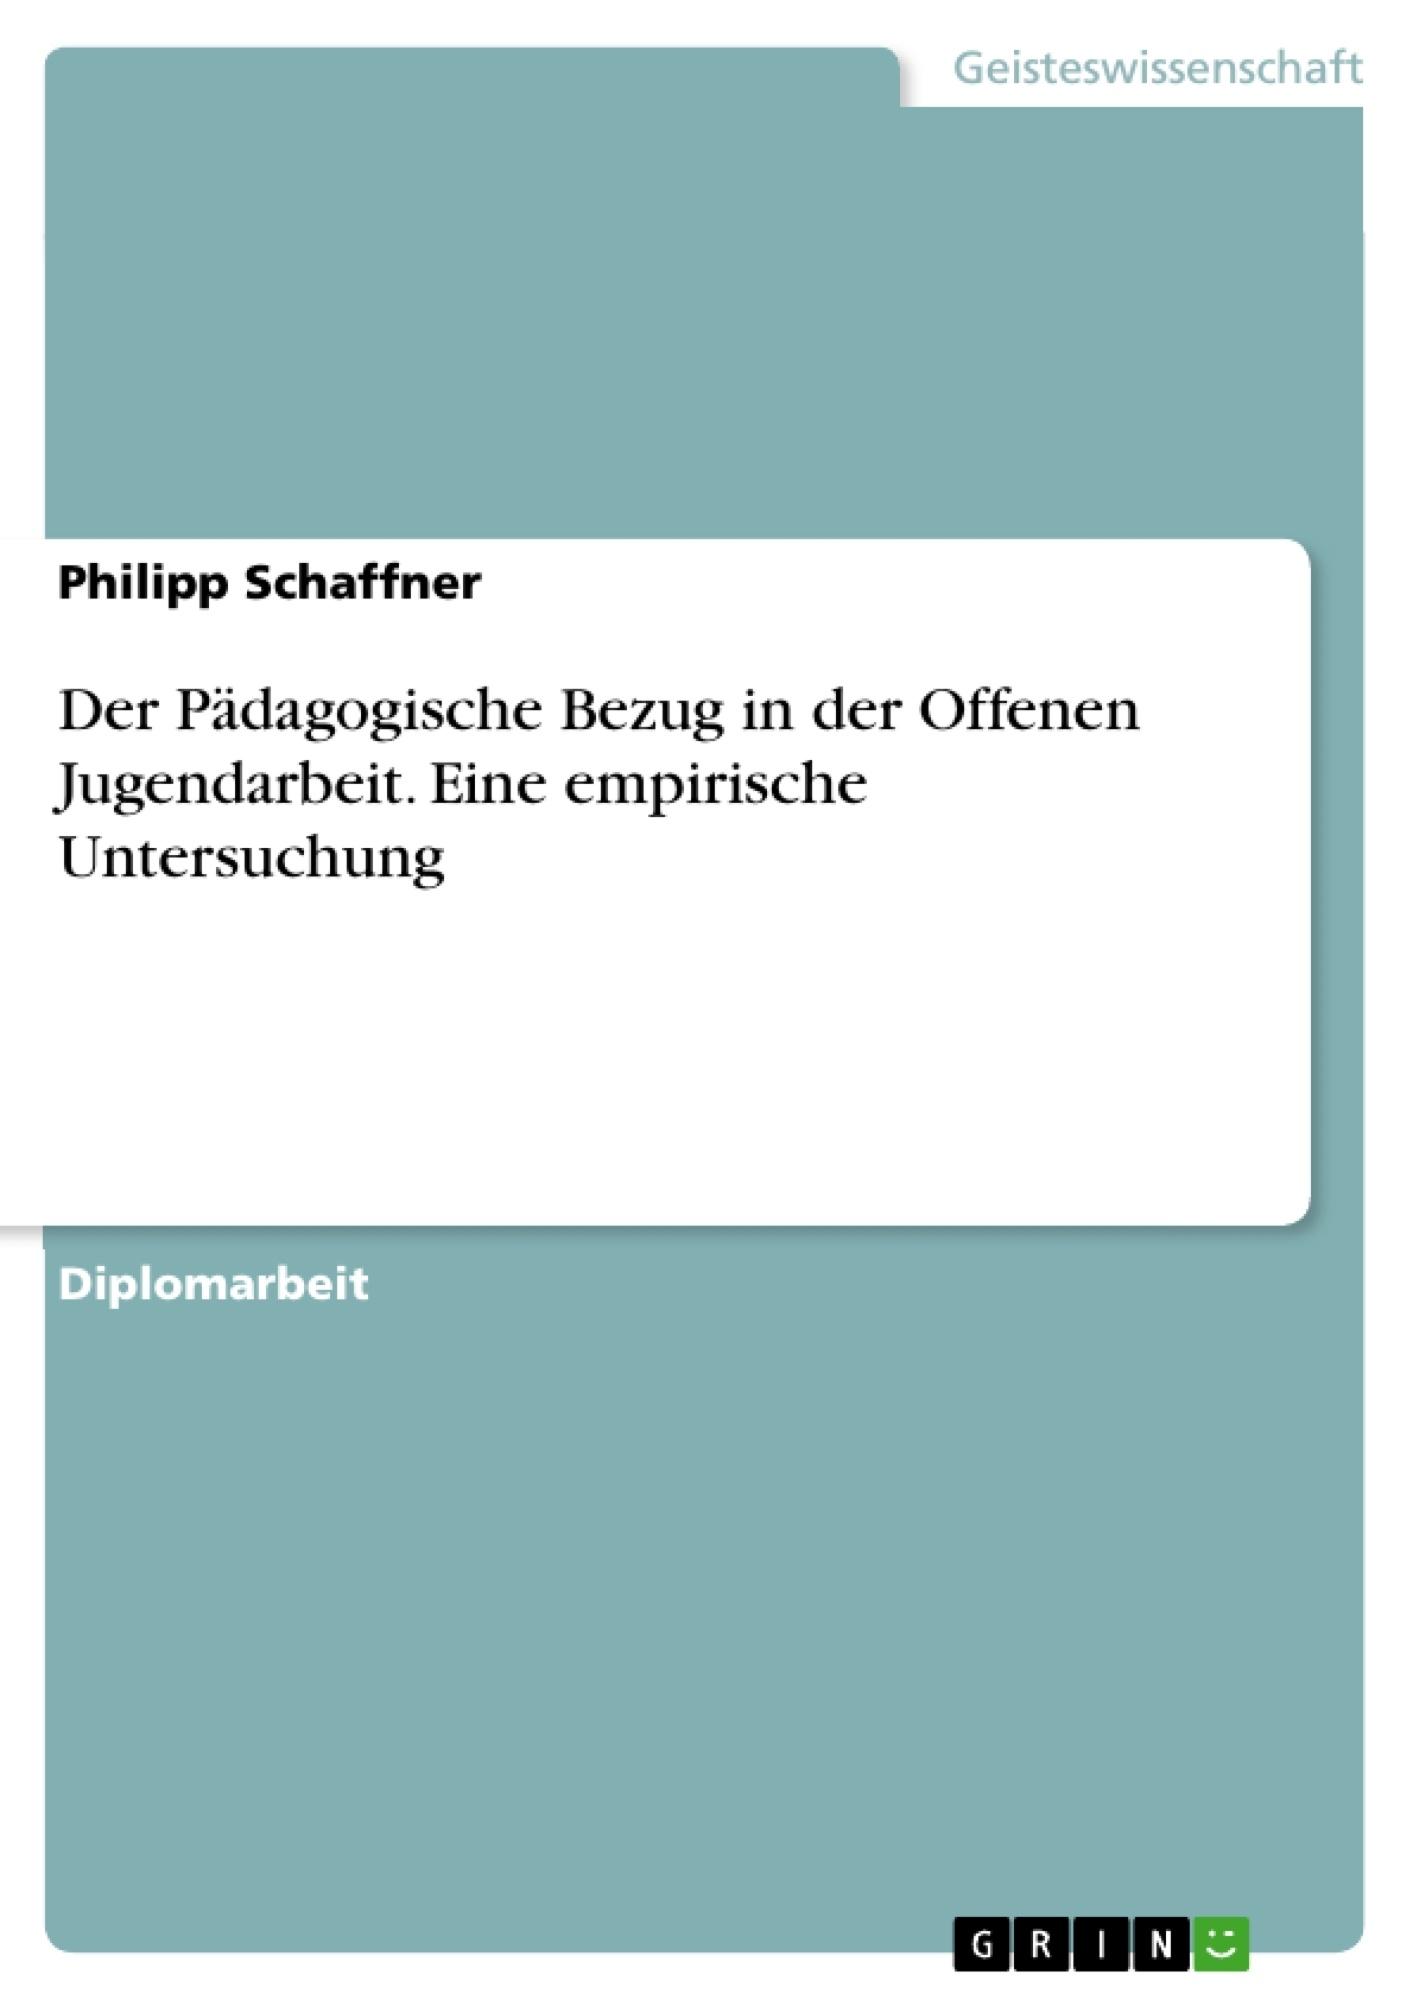 Beste Buchhalter Nimmt Proben Wieder Auf Zeitgenössisch - Entry ...